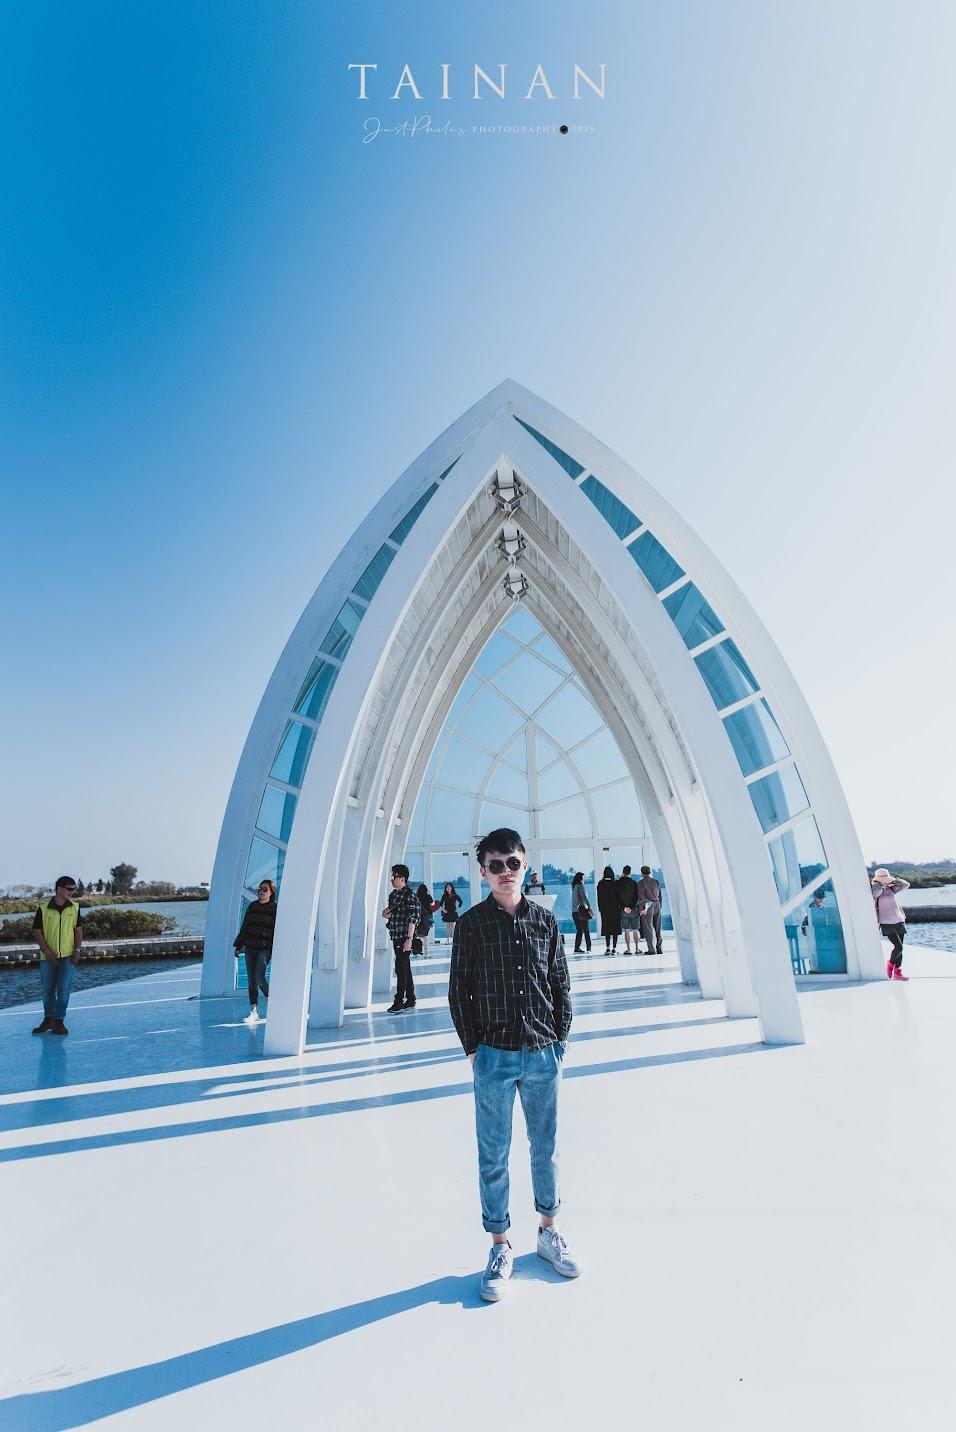 在北門水晶教堂拍攝人像照片不管怎麼拍都好看,是再好不過的選擇。